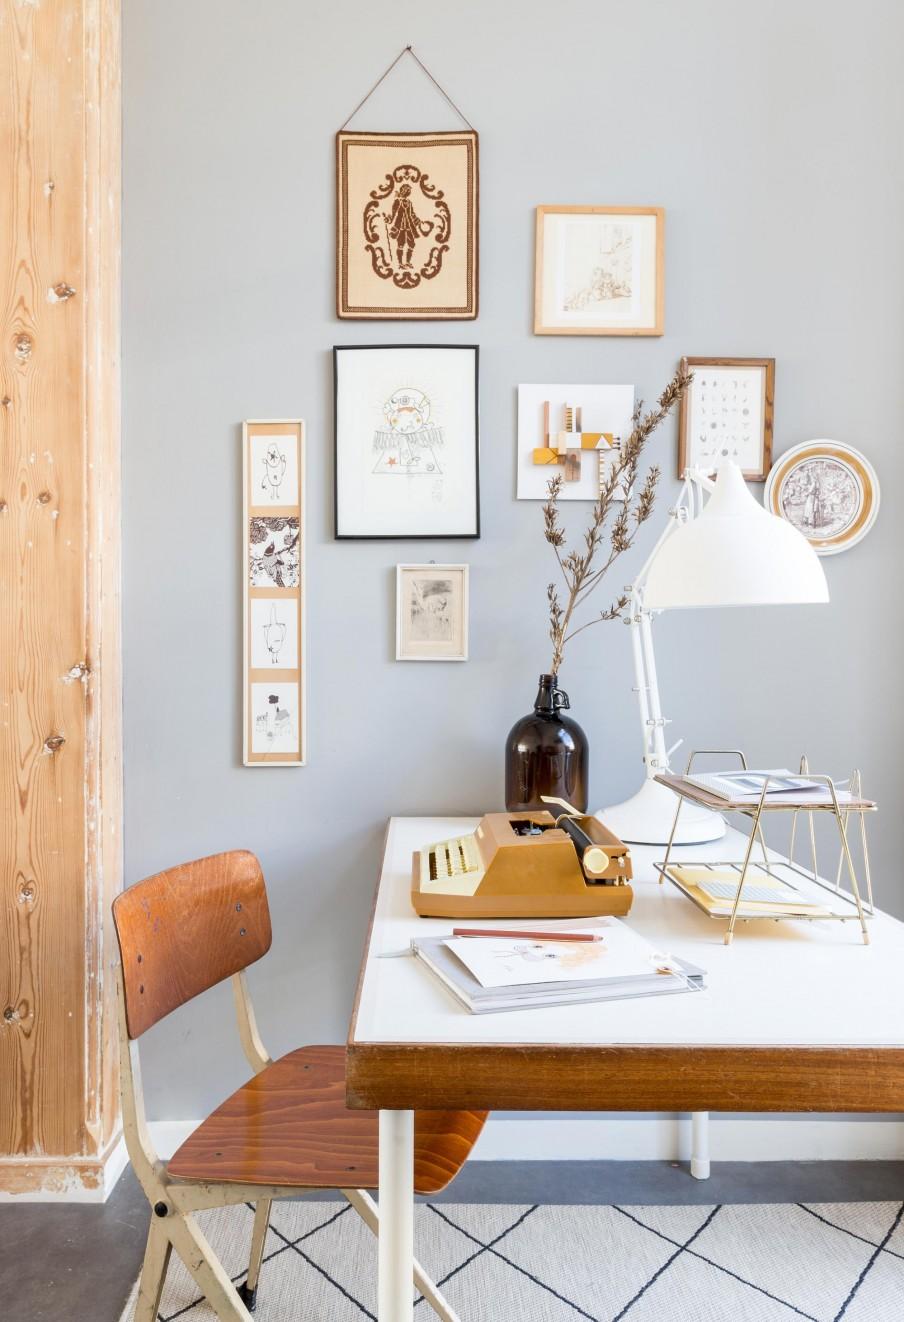 décor vintage, récup et naturel